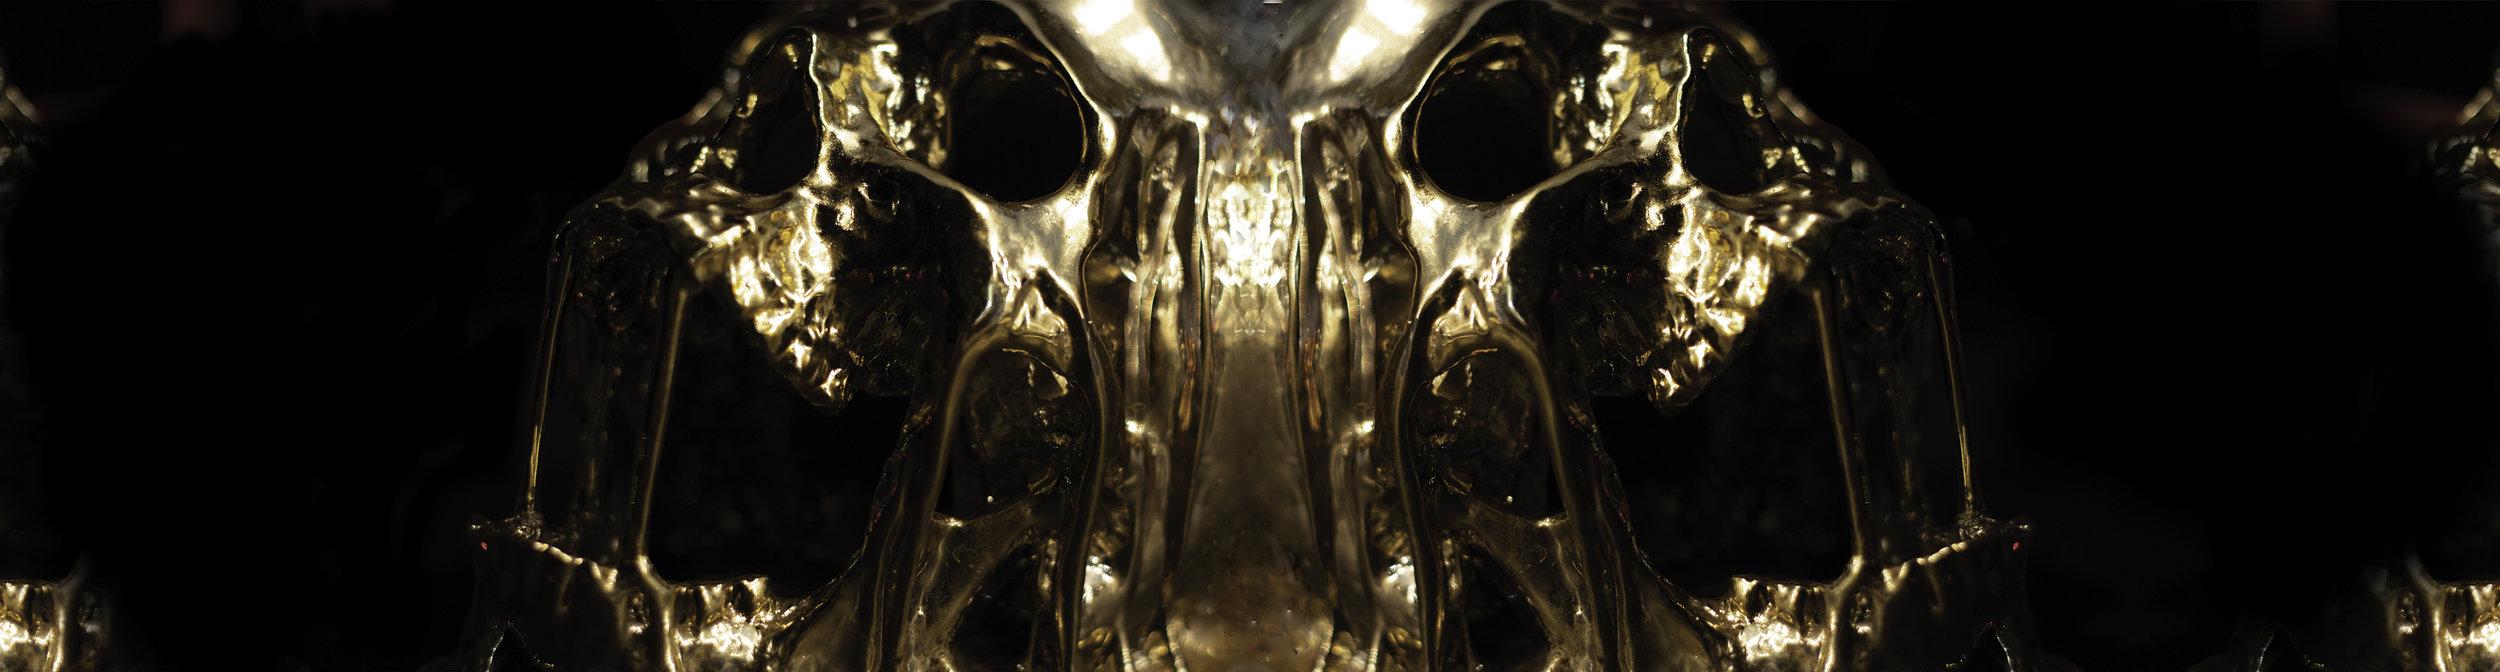 Skull Gold Drip Web.jpg